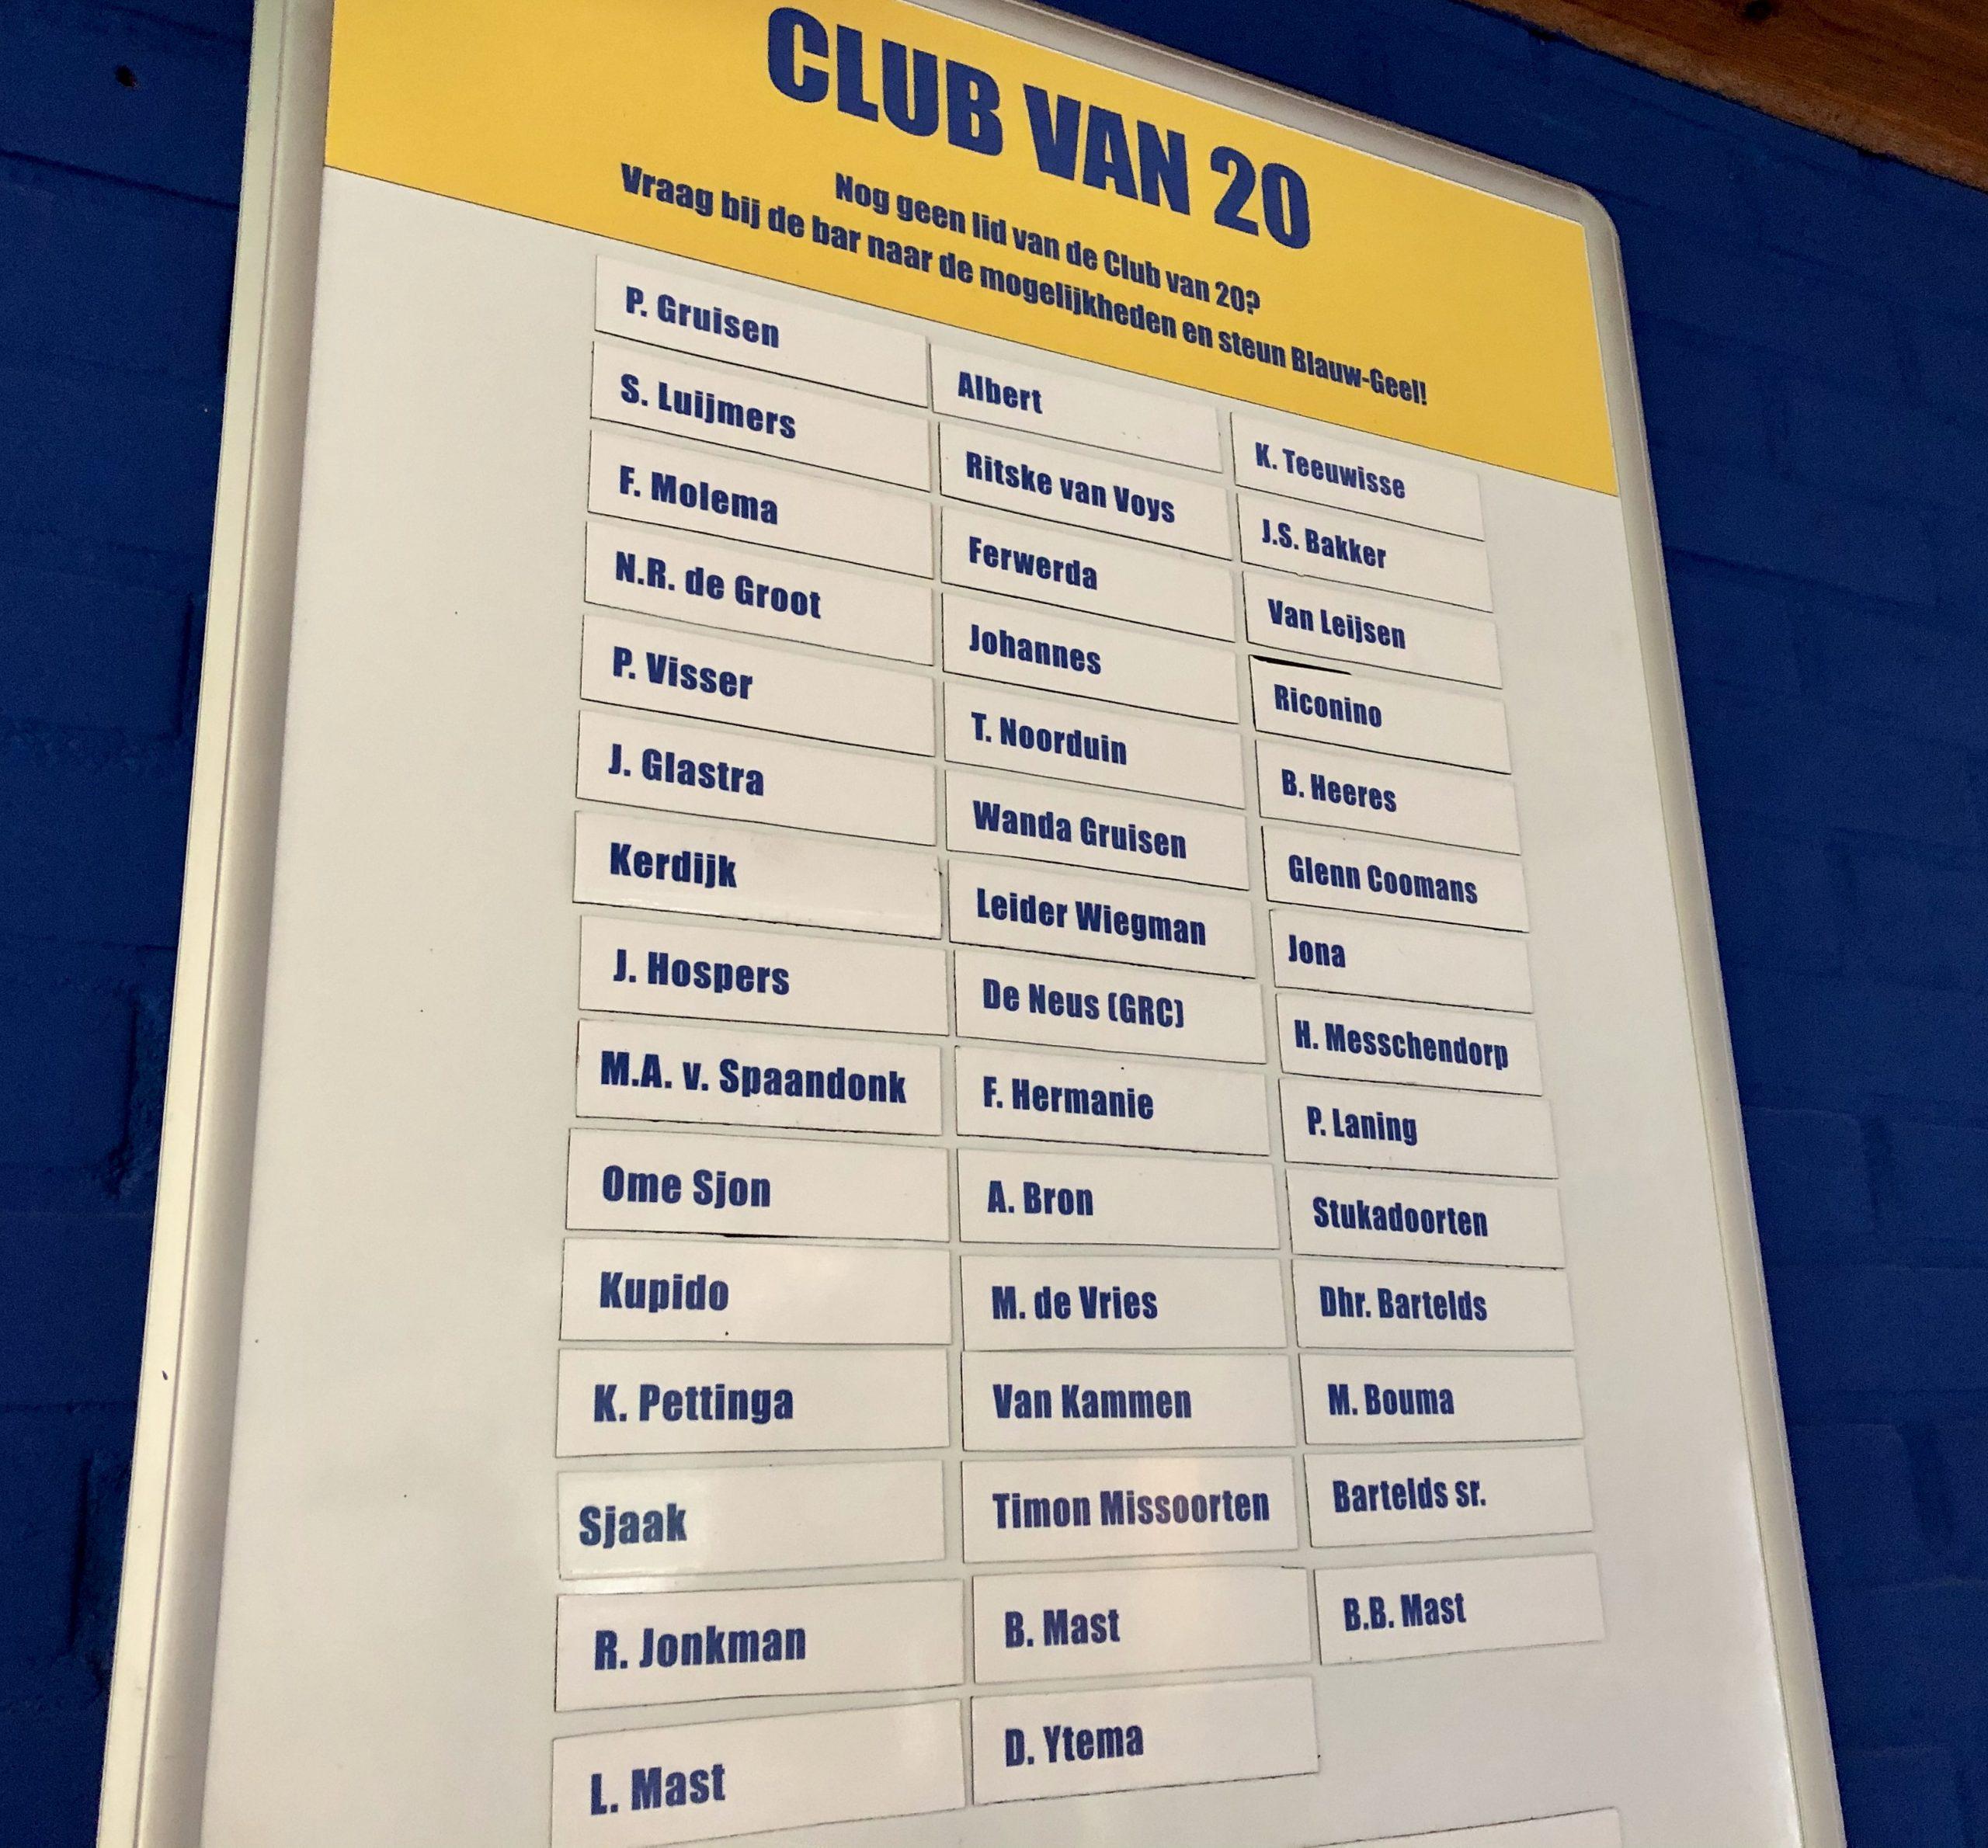 Club van 20